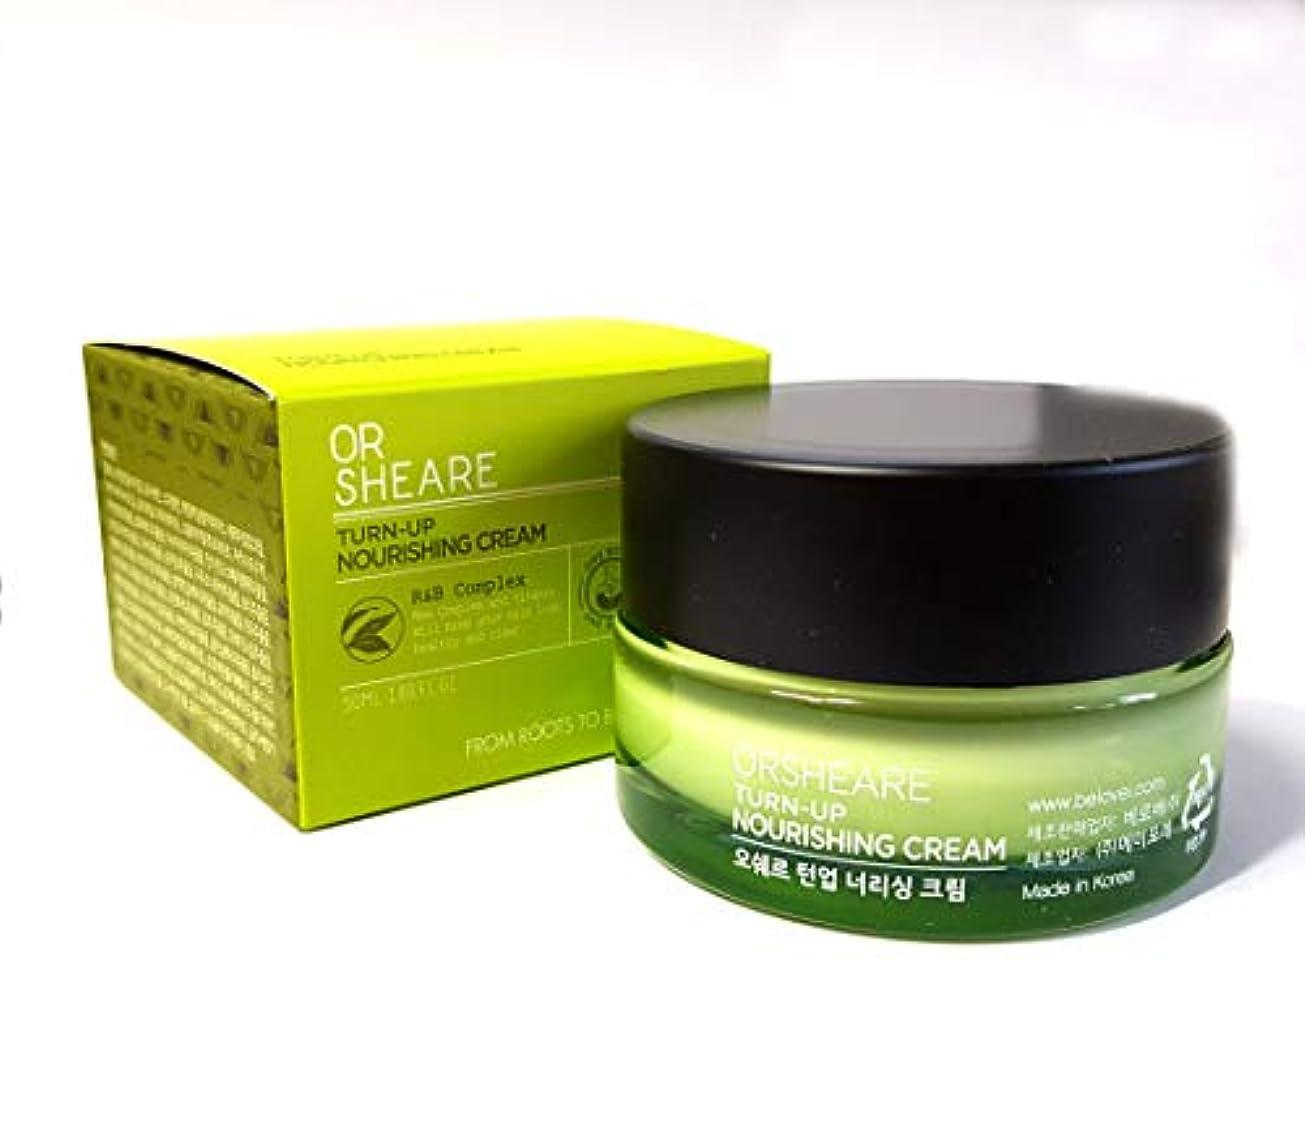 相談するお互い妥協[OR SHEARE] トンオプ栄養クリーム50ml / Turn-up Nourishing Cream 50ml / 保湿、再生/Moisturizing,Revitalizing/韓国化粧品/Korean Cosmetics [並行輸入品]